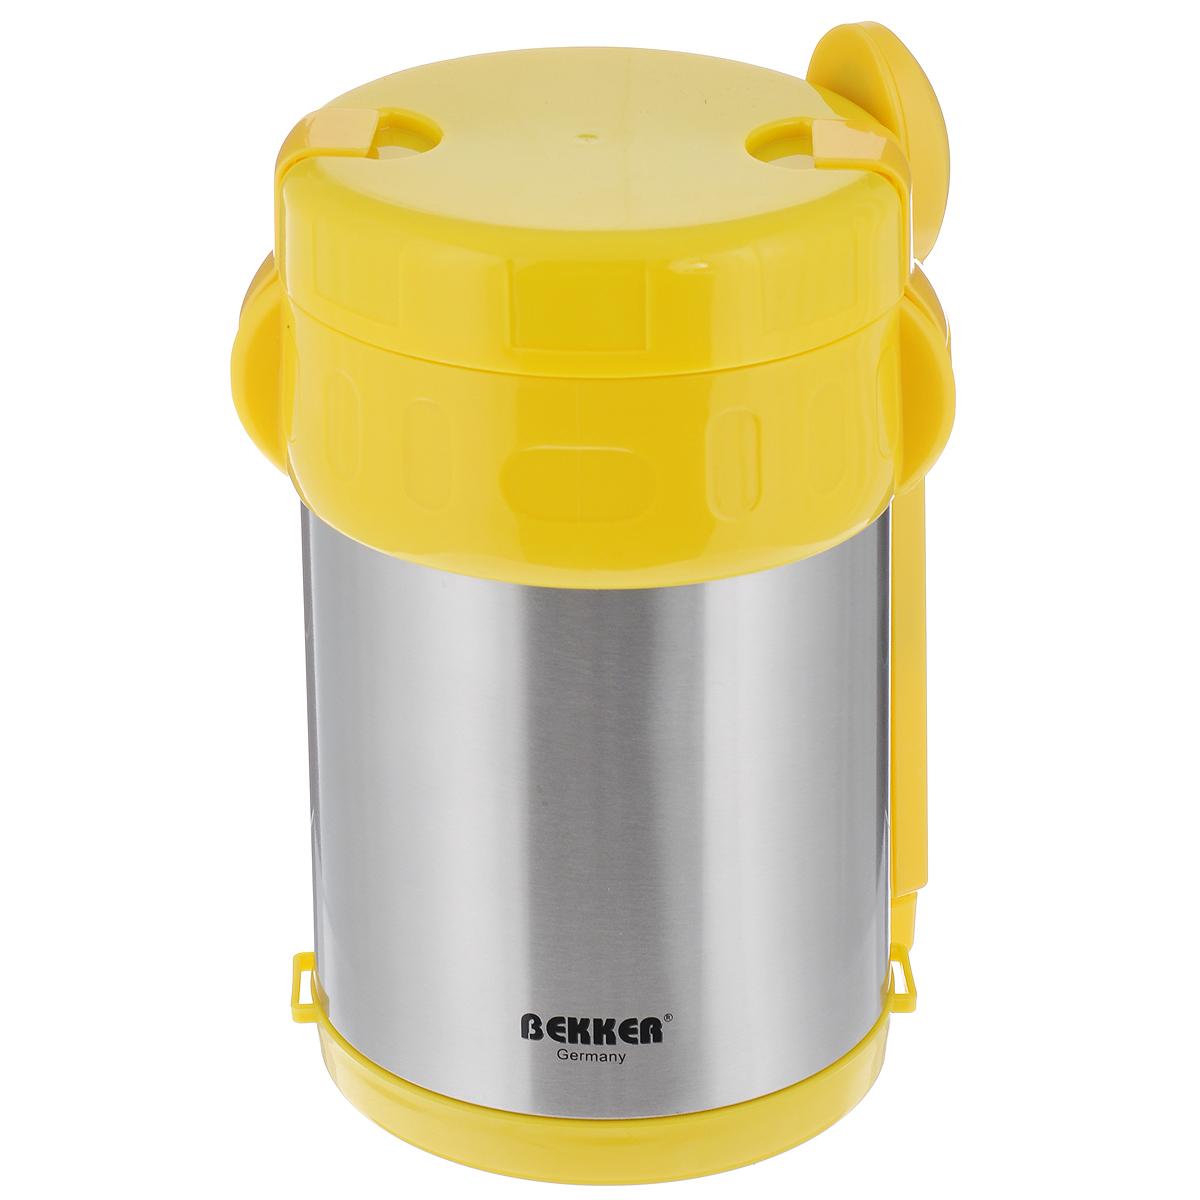 Термос Bekker Koch, с контейнерами, цвет: желтый, стальной, 2 л. BK-42BK-42_желтыйПищевой термос с широким горлом Bekker Koch, изготовленный из высококачественной нержавеющей стали 18/8, является простым в использовании, экономичным и многофункциональным. Изделие с двойными стенками оснащено тремя контейнерами, ложкой и вилкой в оригинальном чехле и специальным ремнем для удобной переноски термоса. Термос с широким горлом предназначен для хранения горячей и холодной пищи, замороженных продуктов, мороженного, фруктов и льда и укомплектован вакуумной крышкой без кнопки. Такая крышка надежна, проста в использовании и позволяет дольше сохранять тепло благодаря дополнительной теплоизоляции. Легкий и прочный термос Bekker Koch сохранит ваши напитки и продукты горячими или холодными надолго. Высота (с учетом крышки): 22 см. Диаметр горлышка: 13 см. Диаметр контейнеров: 11,5 см. Высота контейнеров: 9 см; 5 см; 3,5 см. Объем контейнеров: 700 мл; 400 мл; 250 мл. Длина вилки/ложки: 15 см.